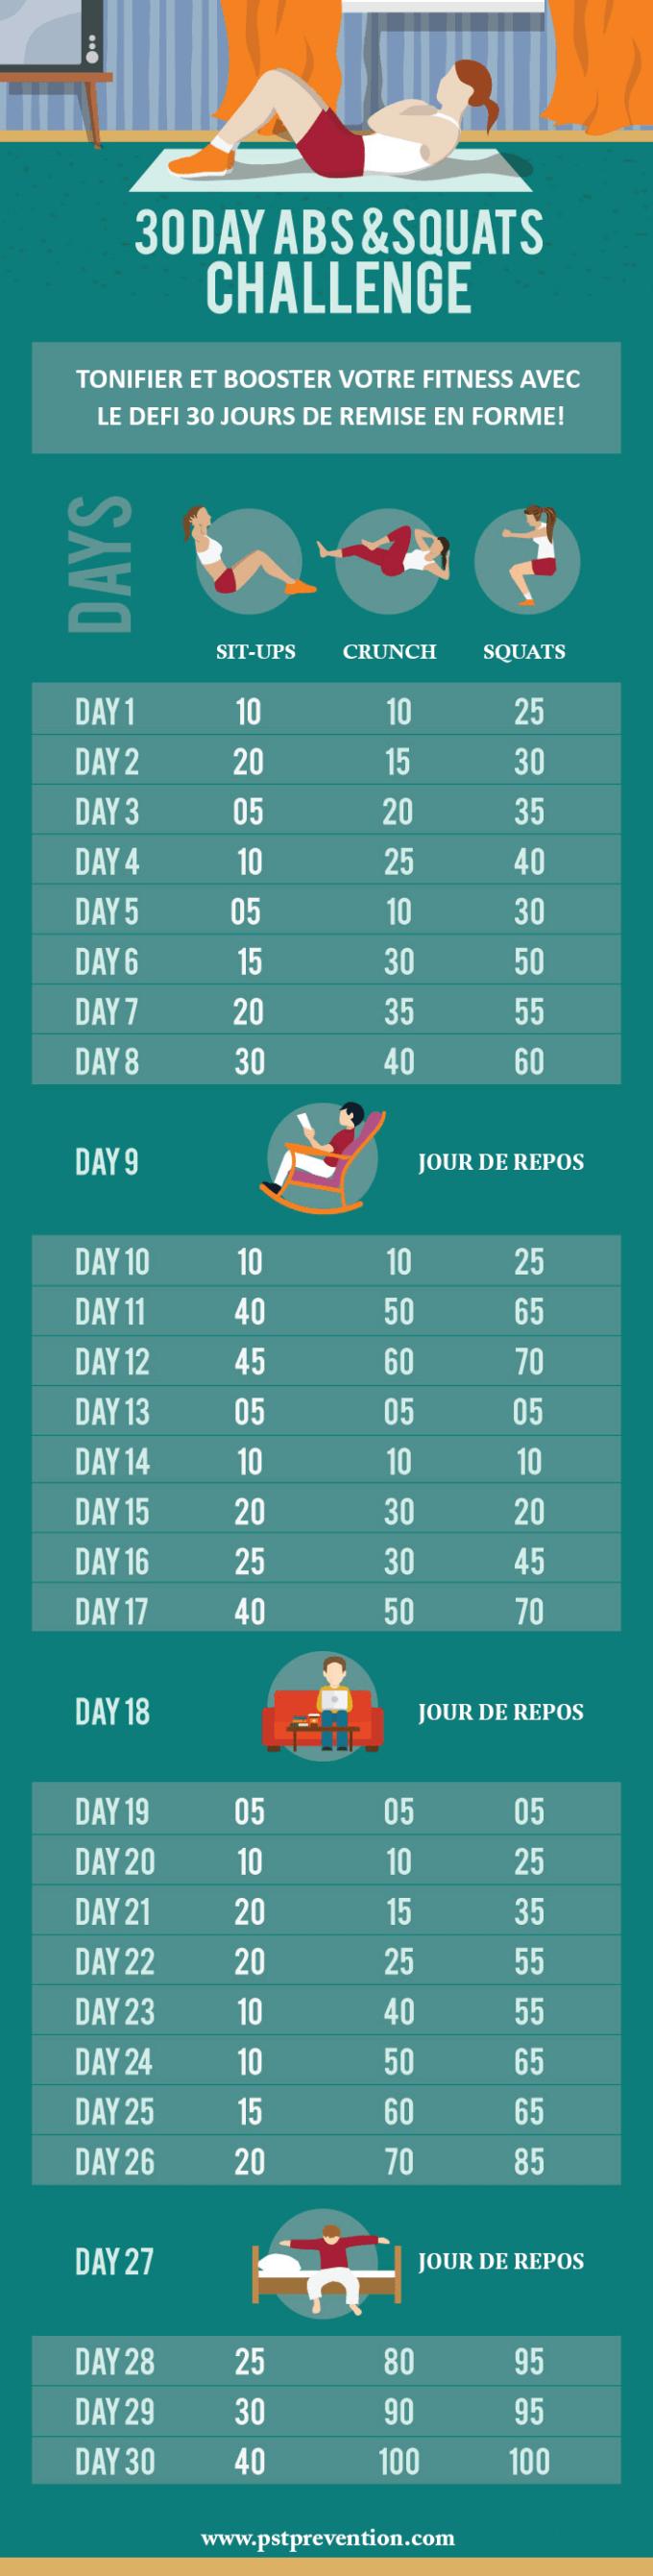 Ruby savannah weight loss 2015